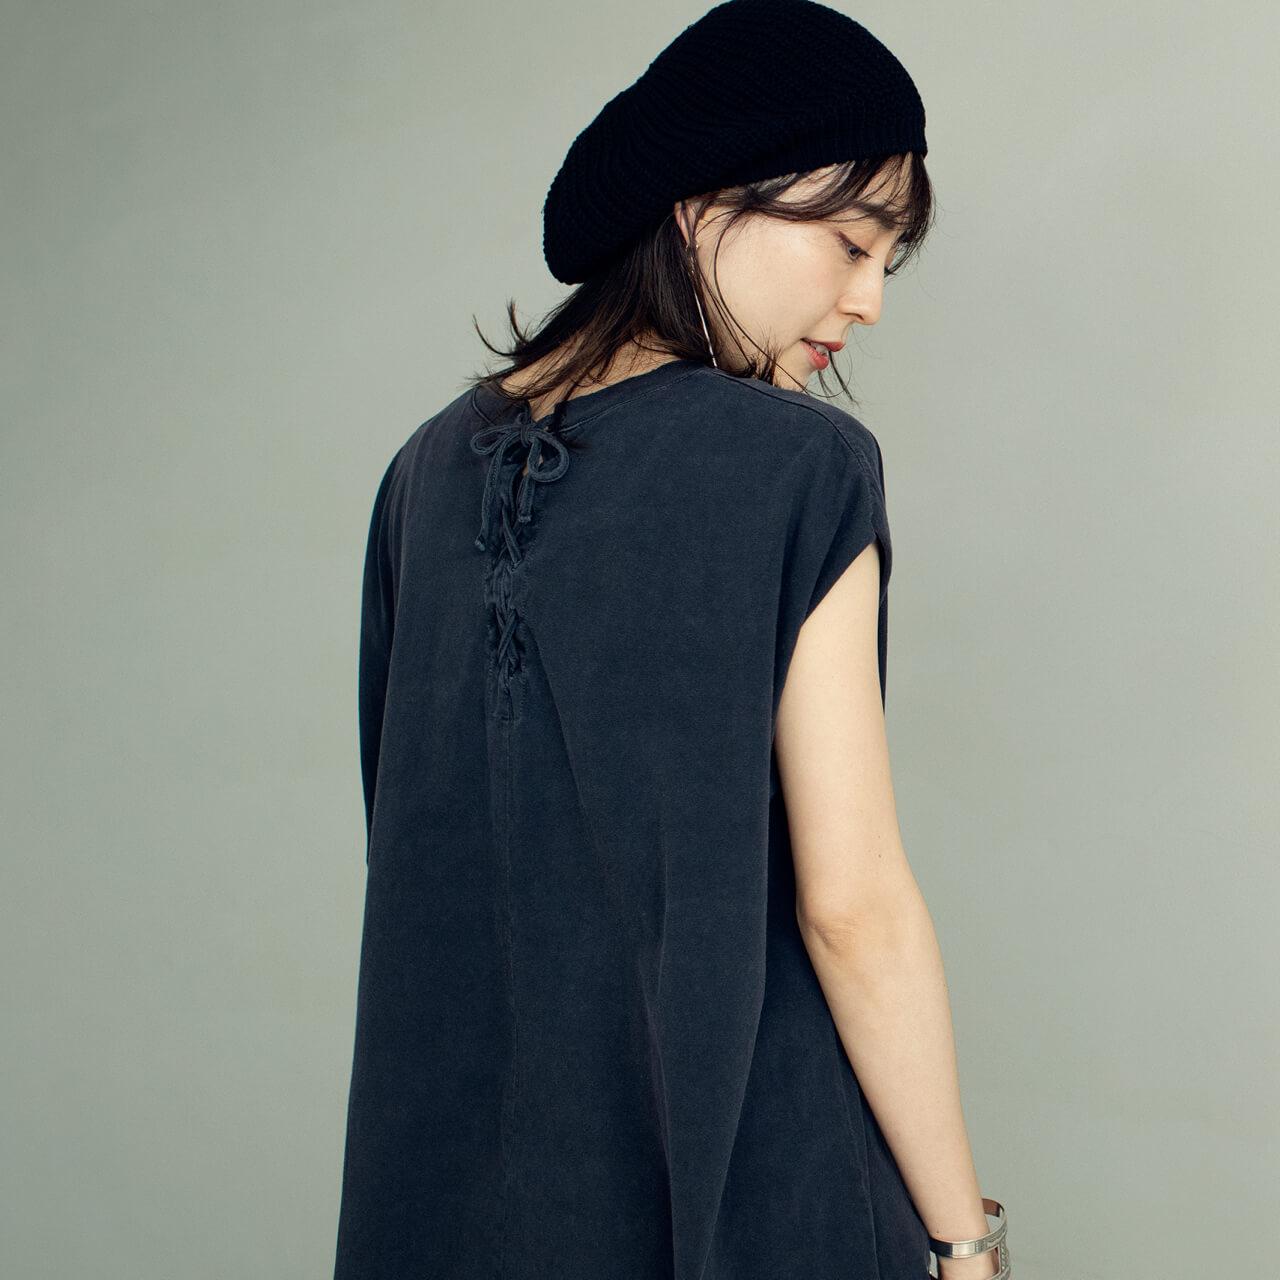 アール ジュビリー スリーブレスオーバーTシャツのBACK STYLE モデル/今井りかさん